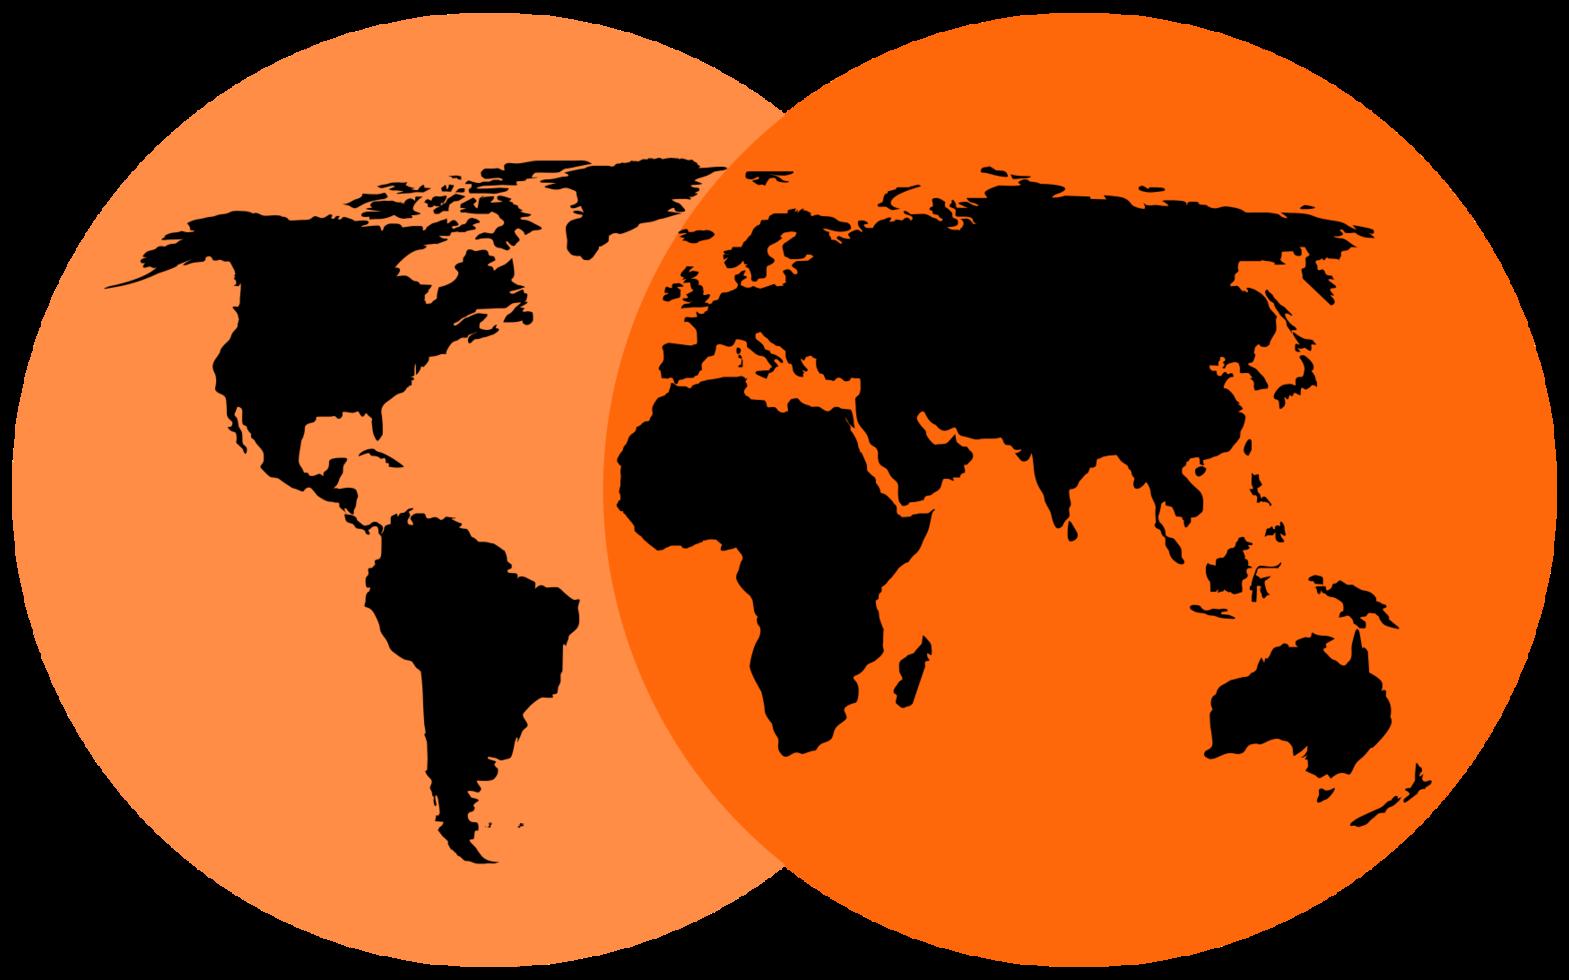 Weltkarte png